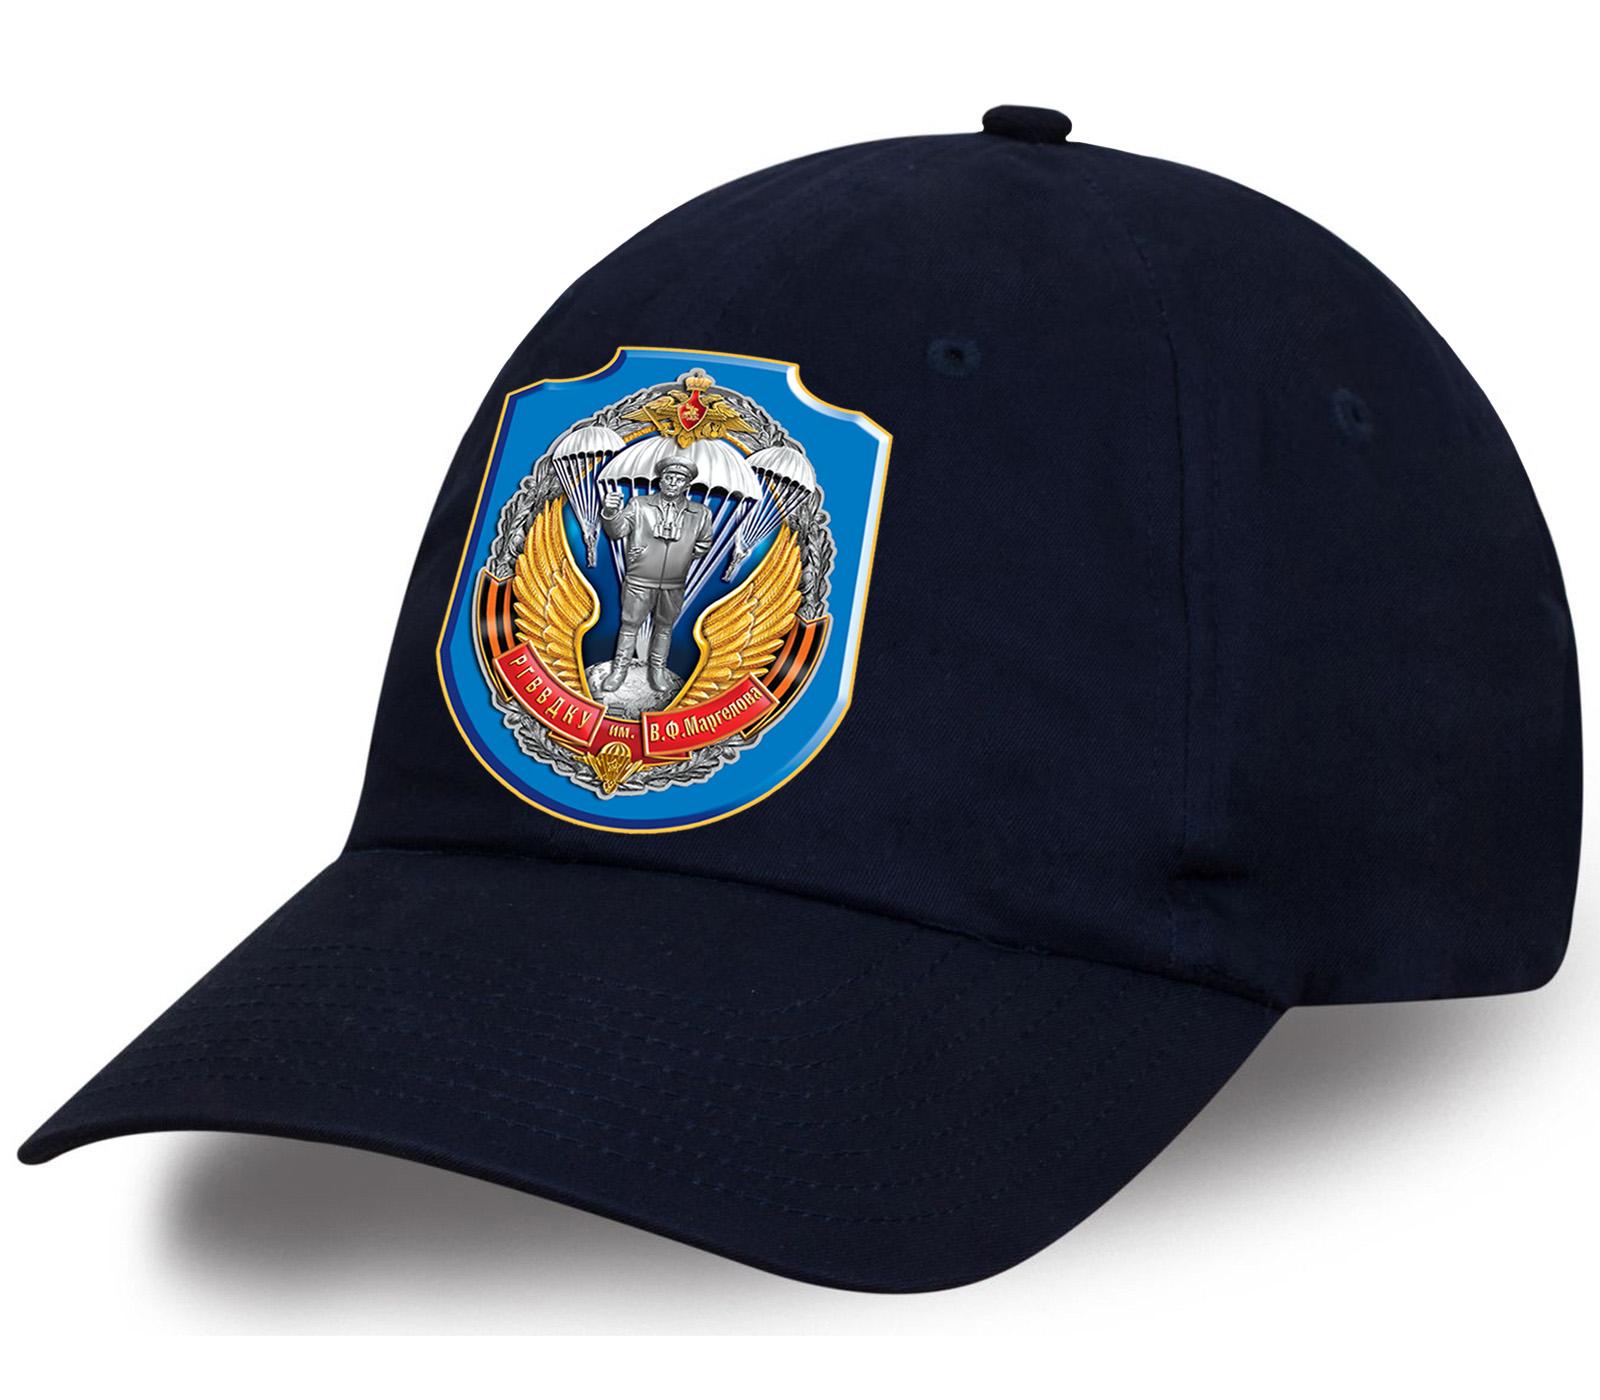 Бейсболка для выпускника и курсанта военного училища имени Маргелова